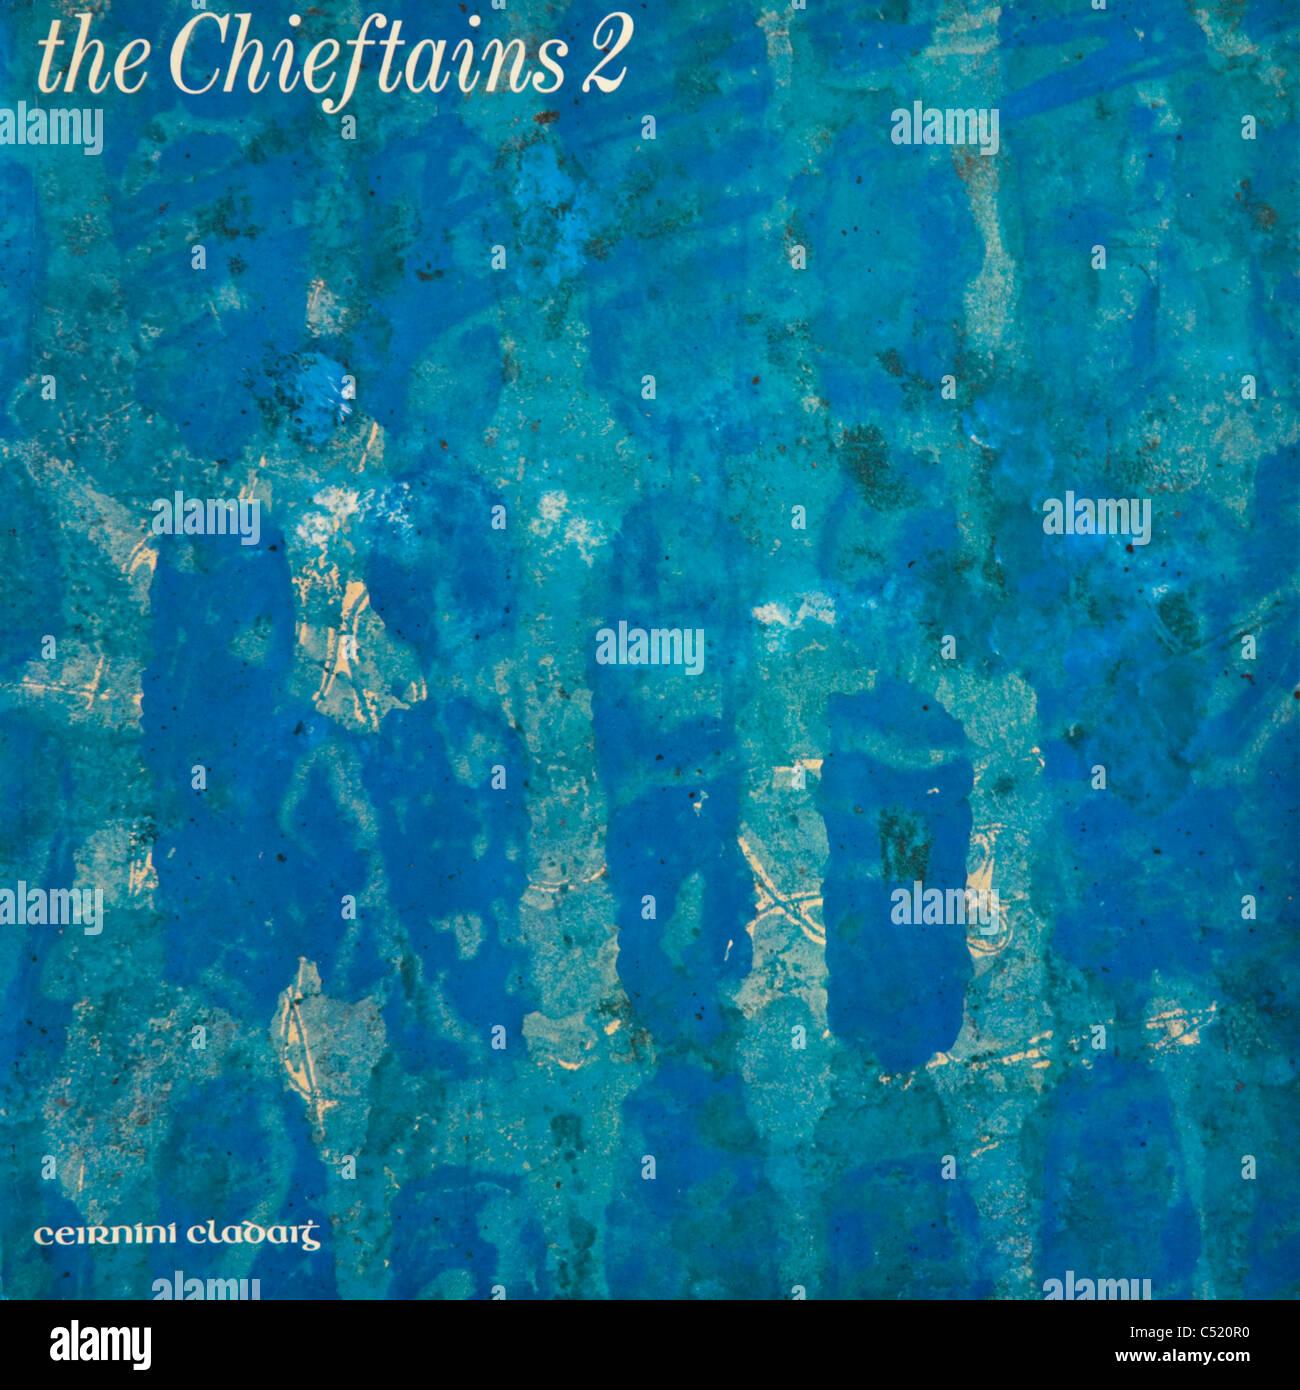 stock photo album cover - photo #39